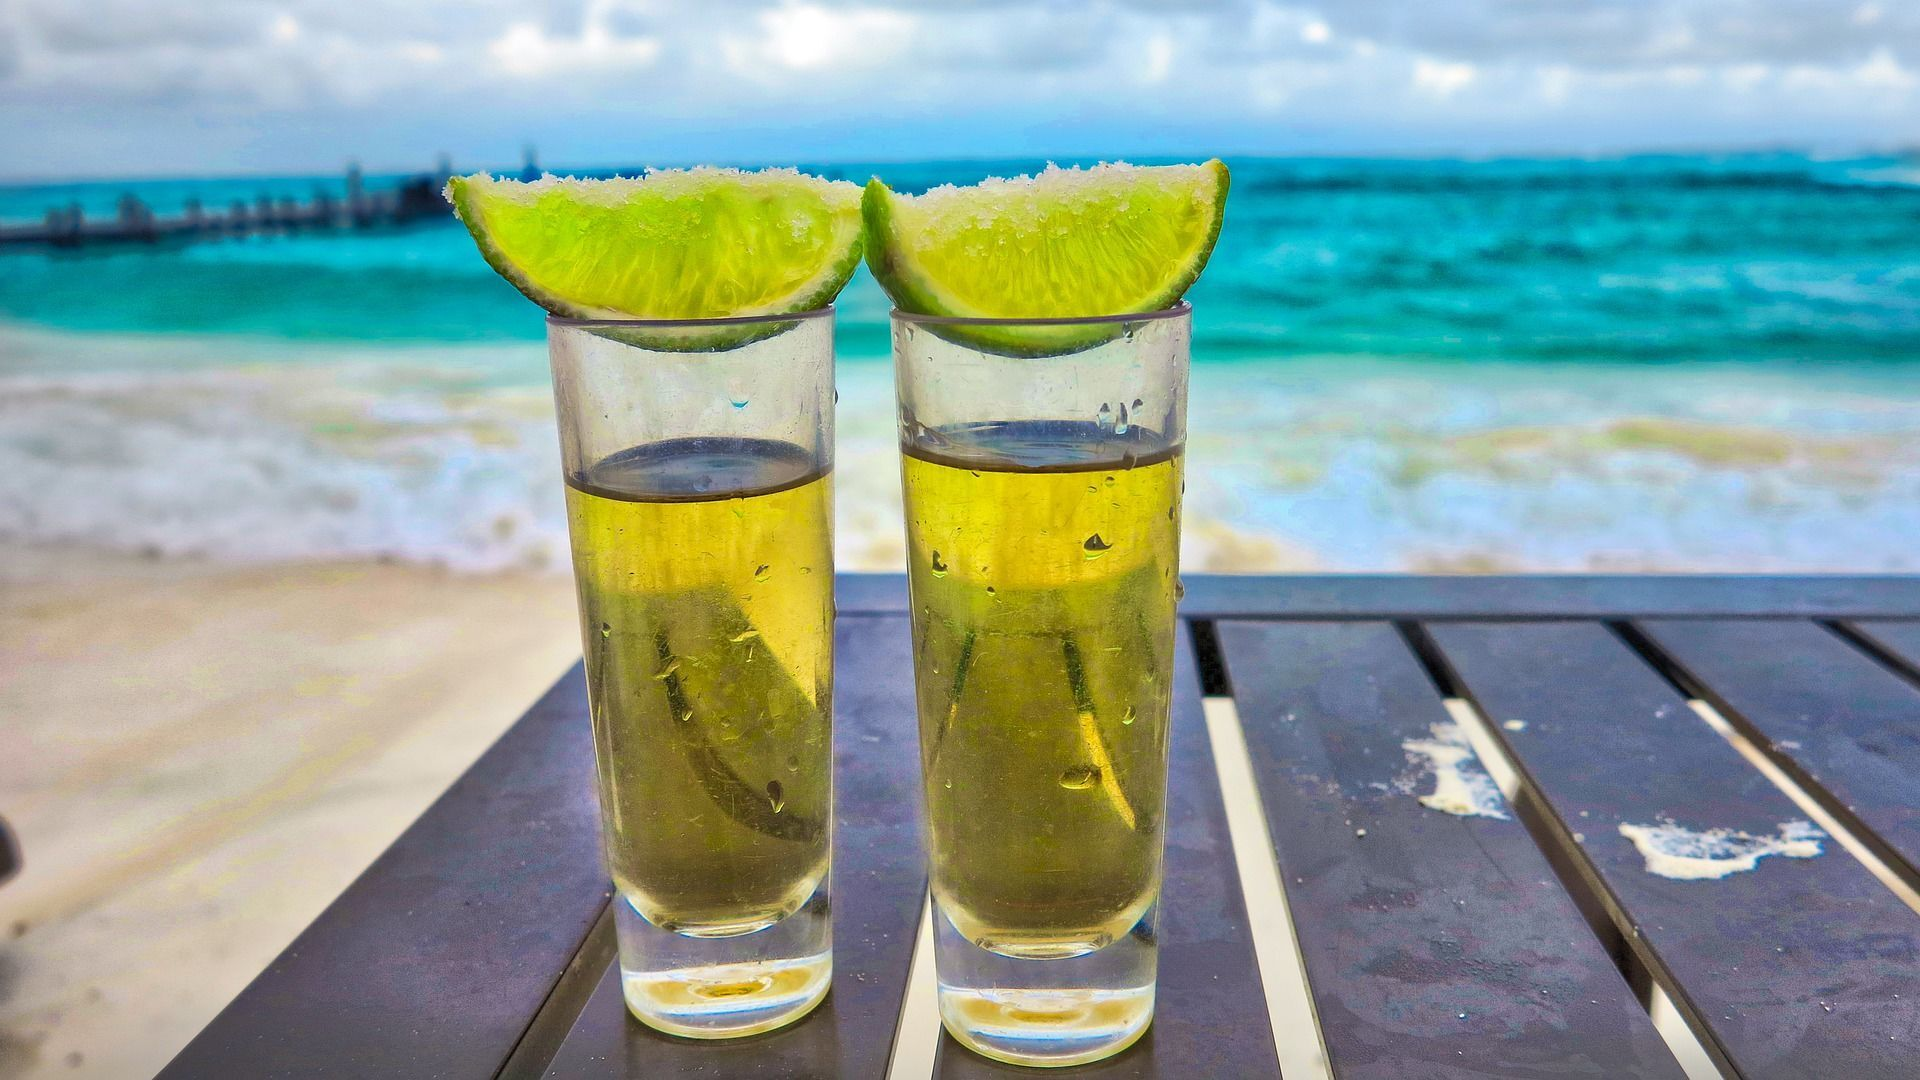 2 'shots' de tequila en la playa - Sputnik Mundo, 1920, 20.02.2021